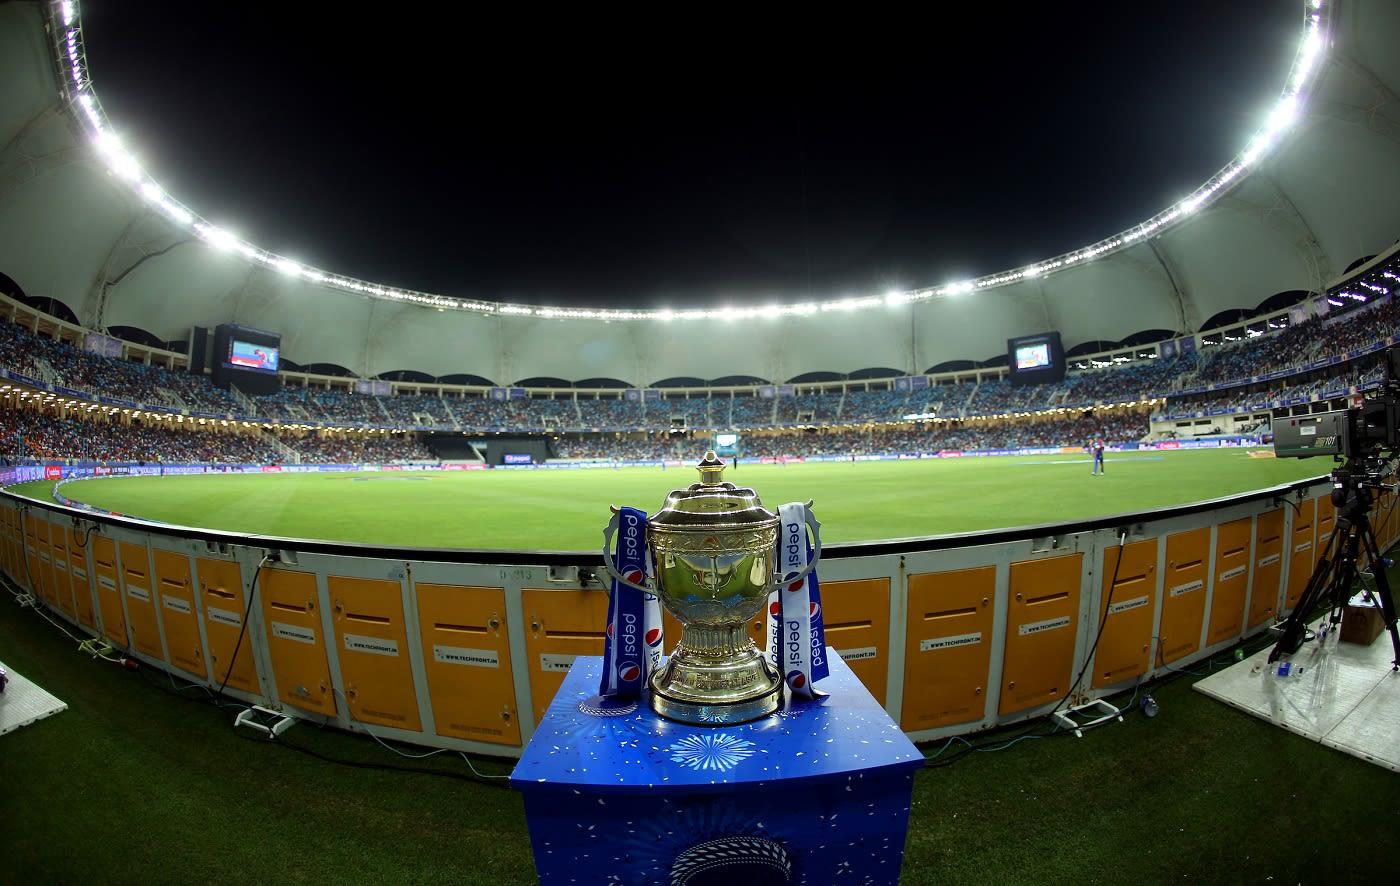 17 सितंबर से यूएई में खेला जायेगा आईपीएल?